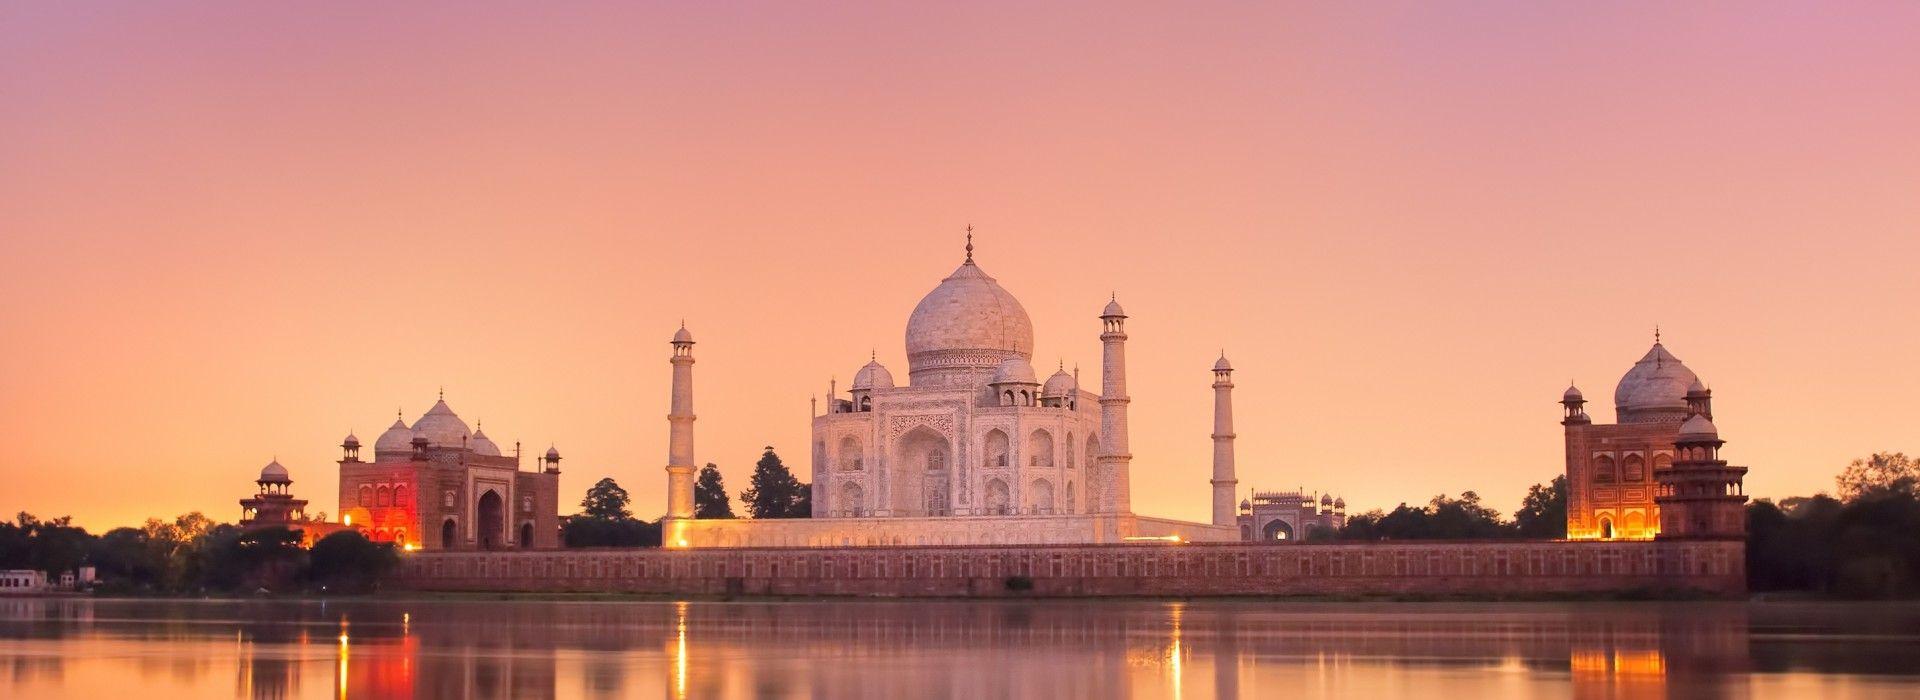 Spiritual or religious tours in India